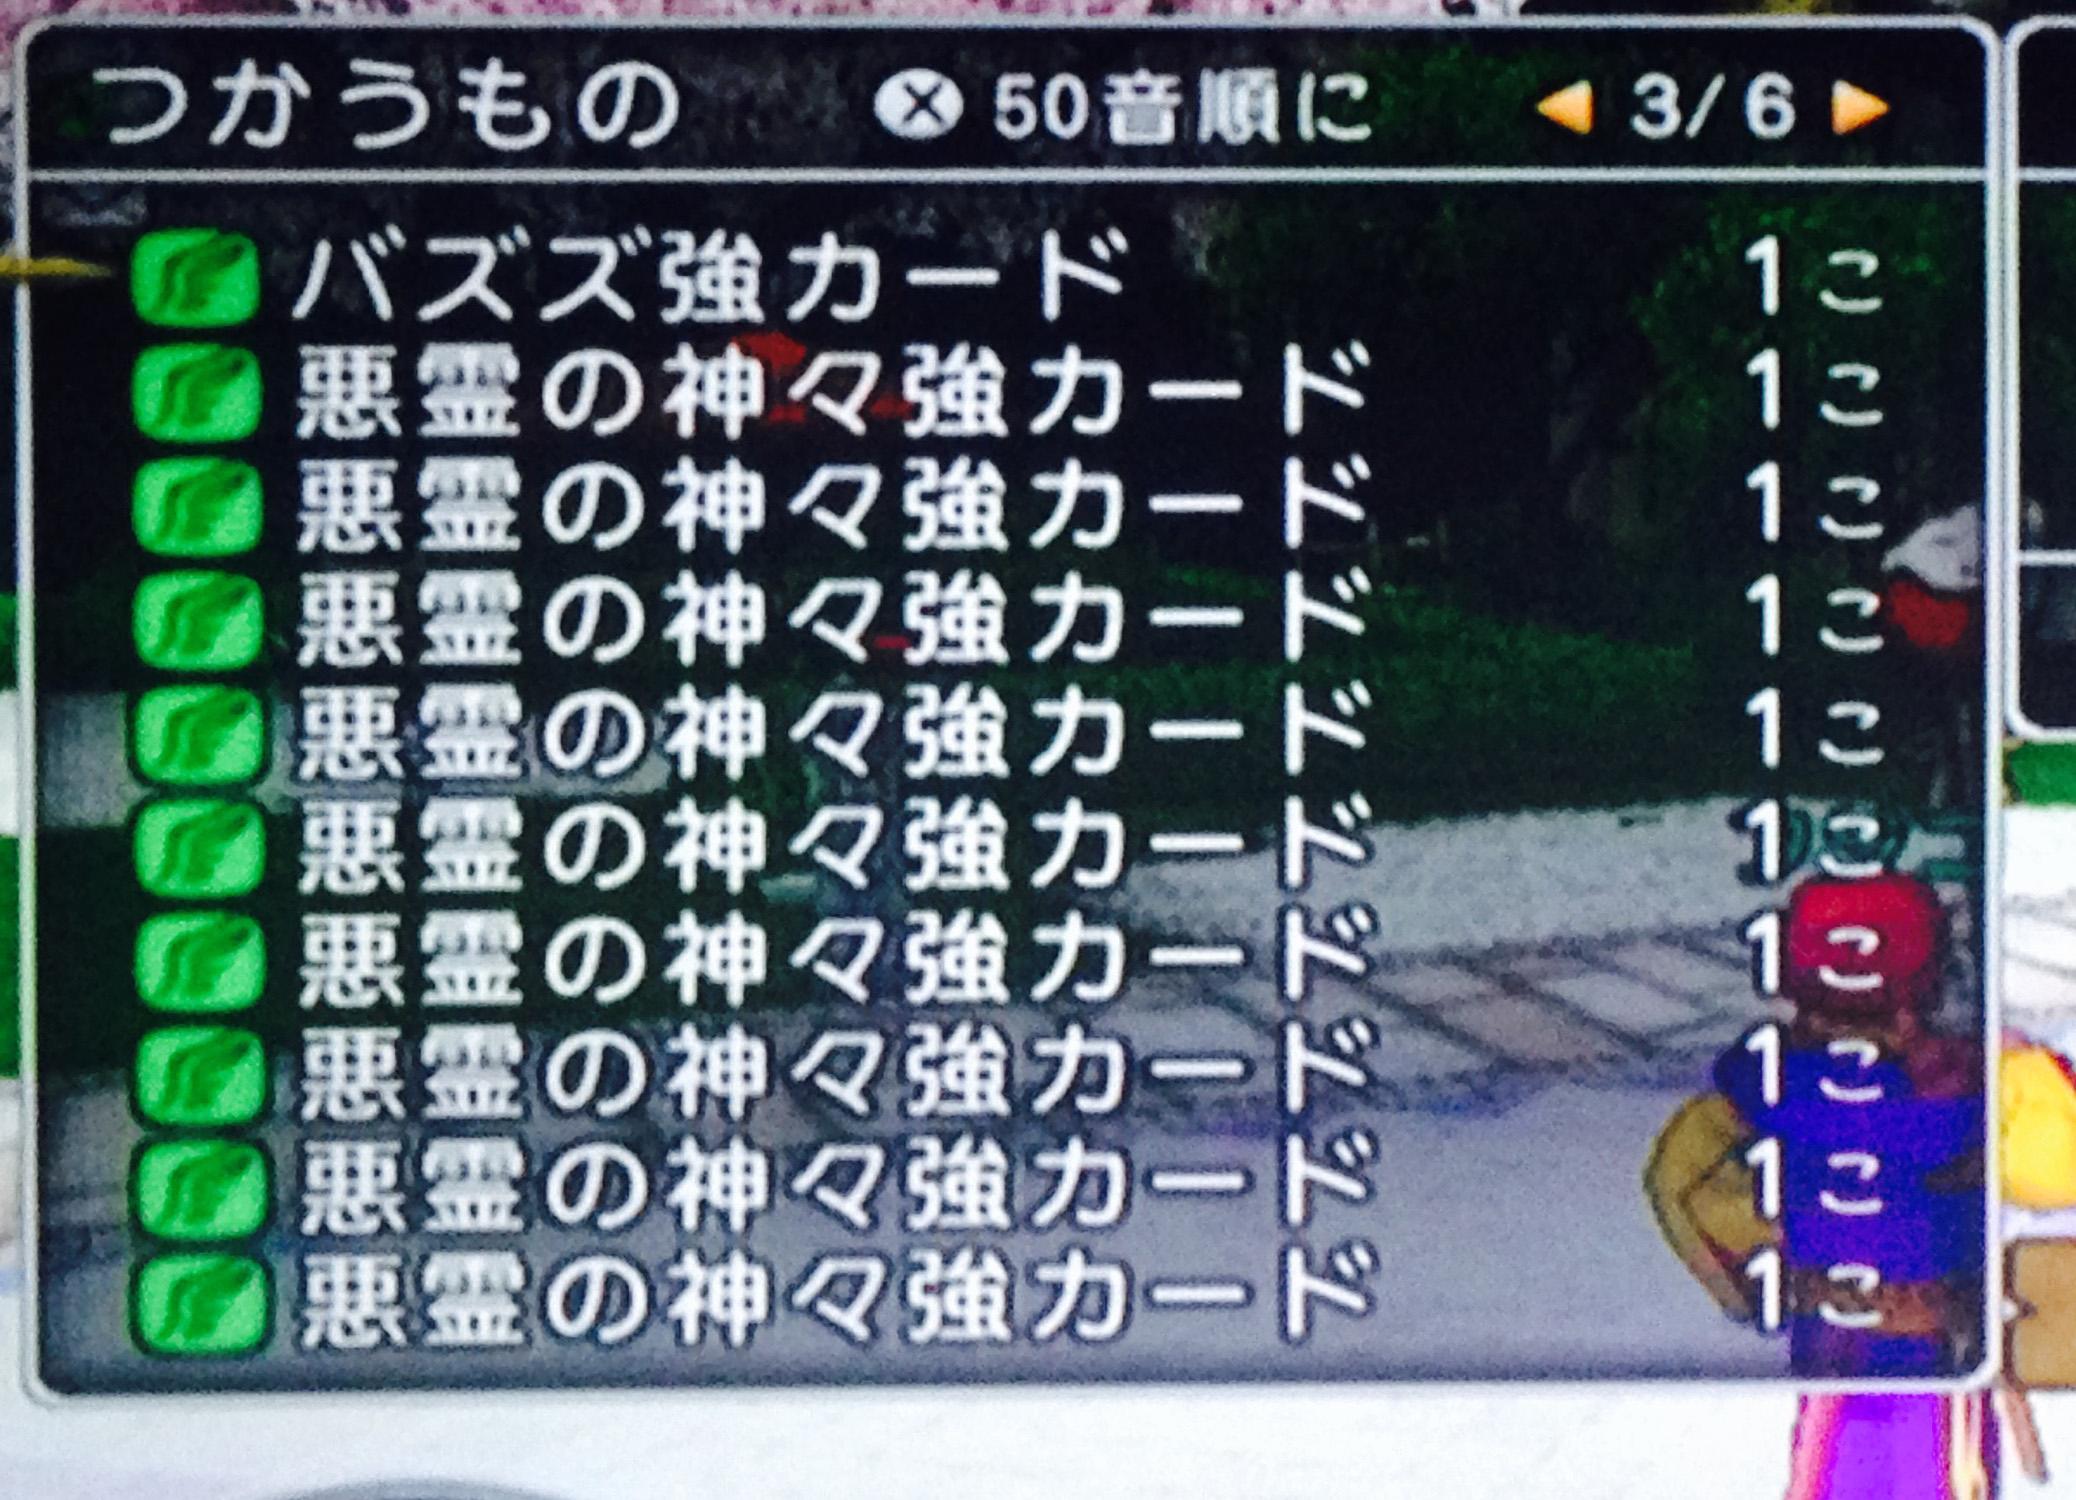 FullSize1111Render.jpg